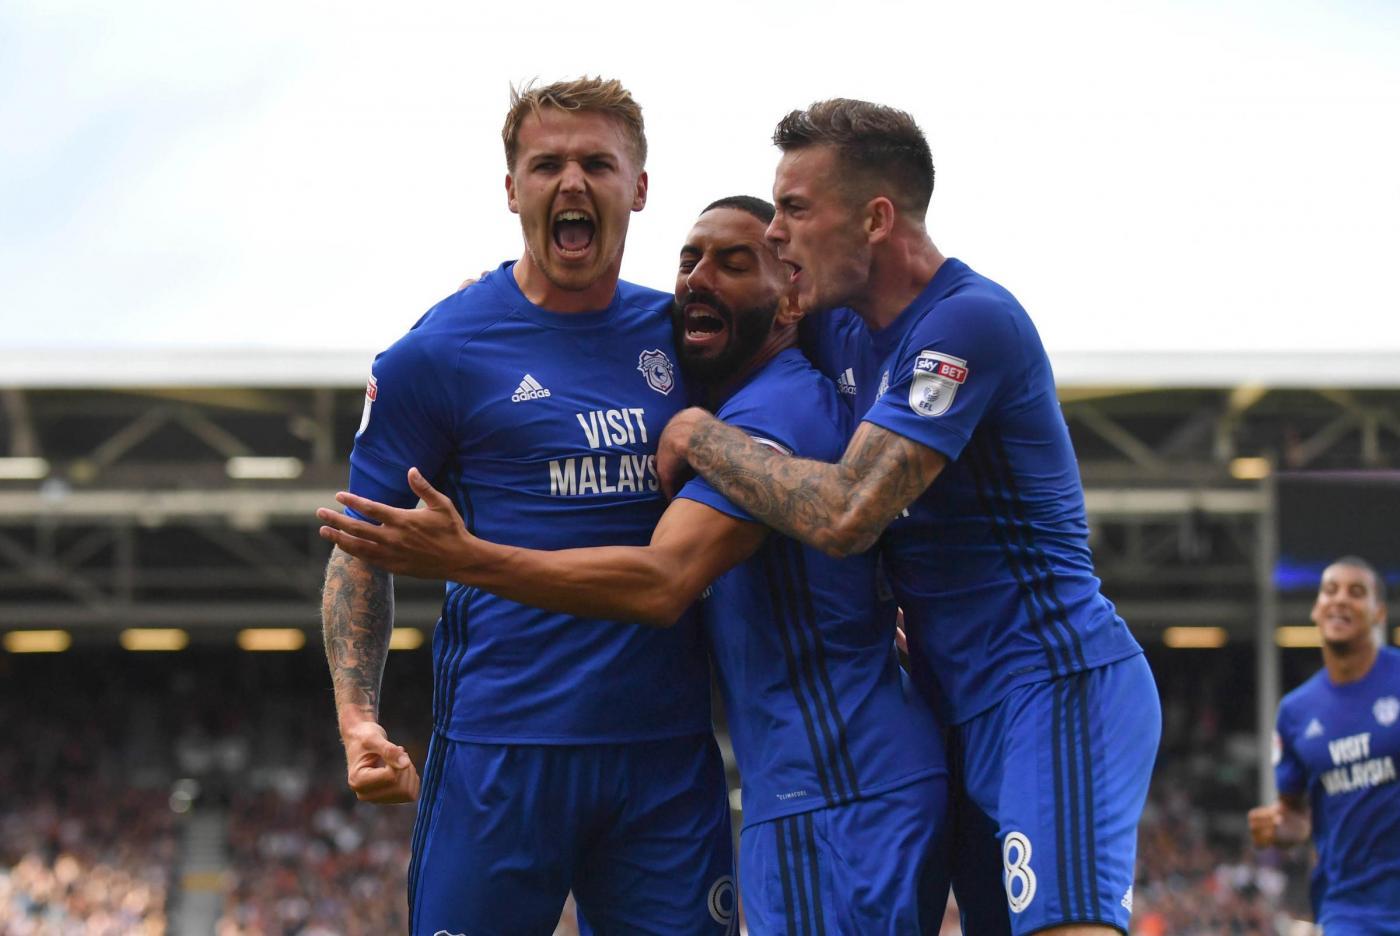 Norwich-Cardiff 14 aprile: i gallesi torneranno al successo?